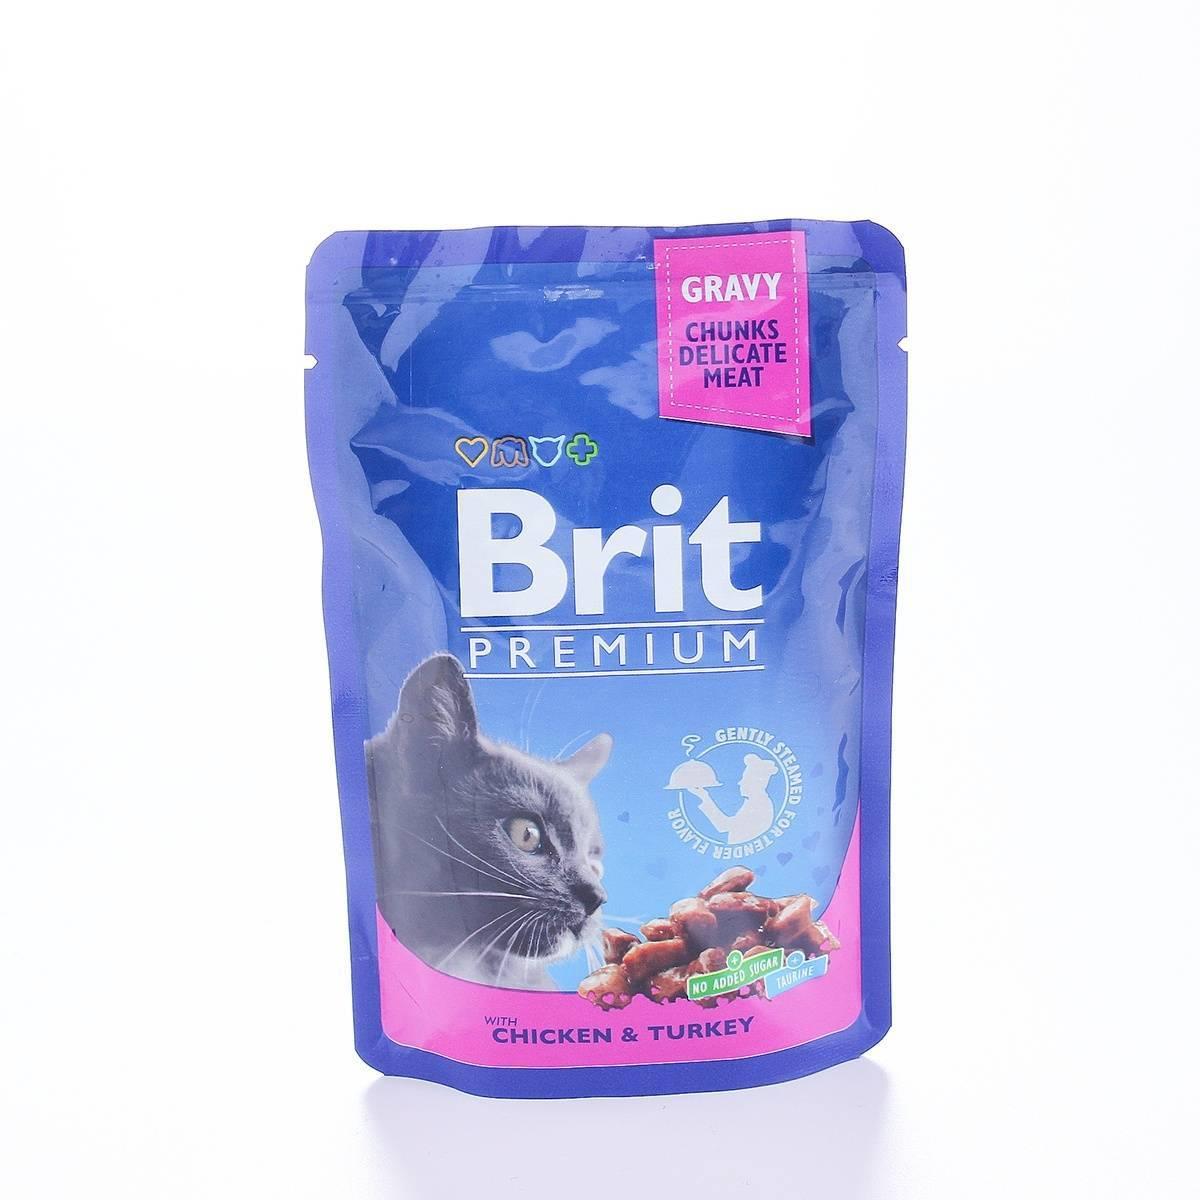 Влажный и сухой корм брит для кошек премиум класса: состав, отзывы и советы ветеринаров